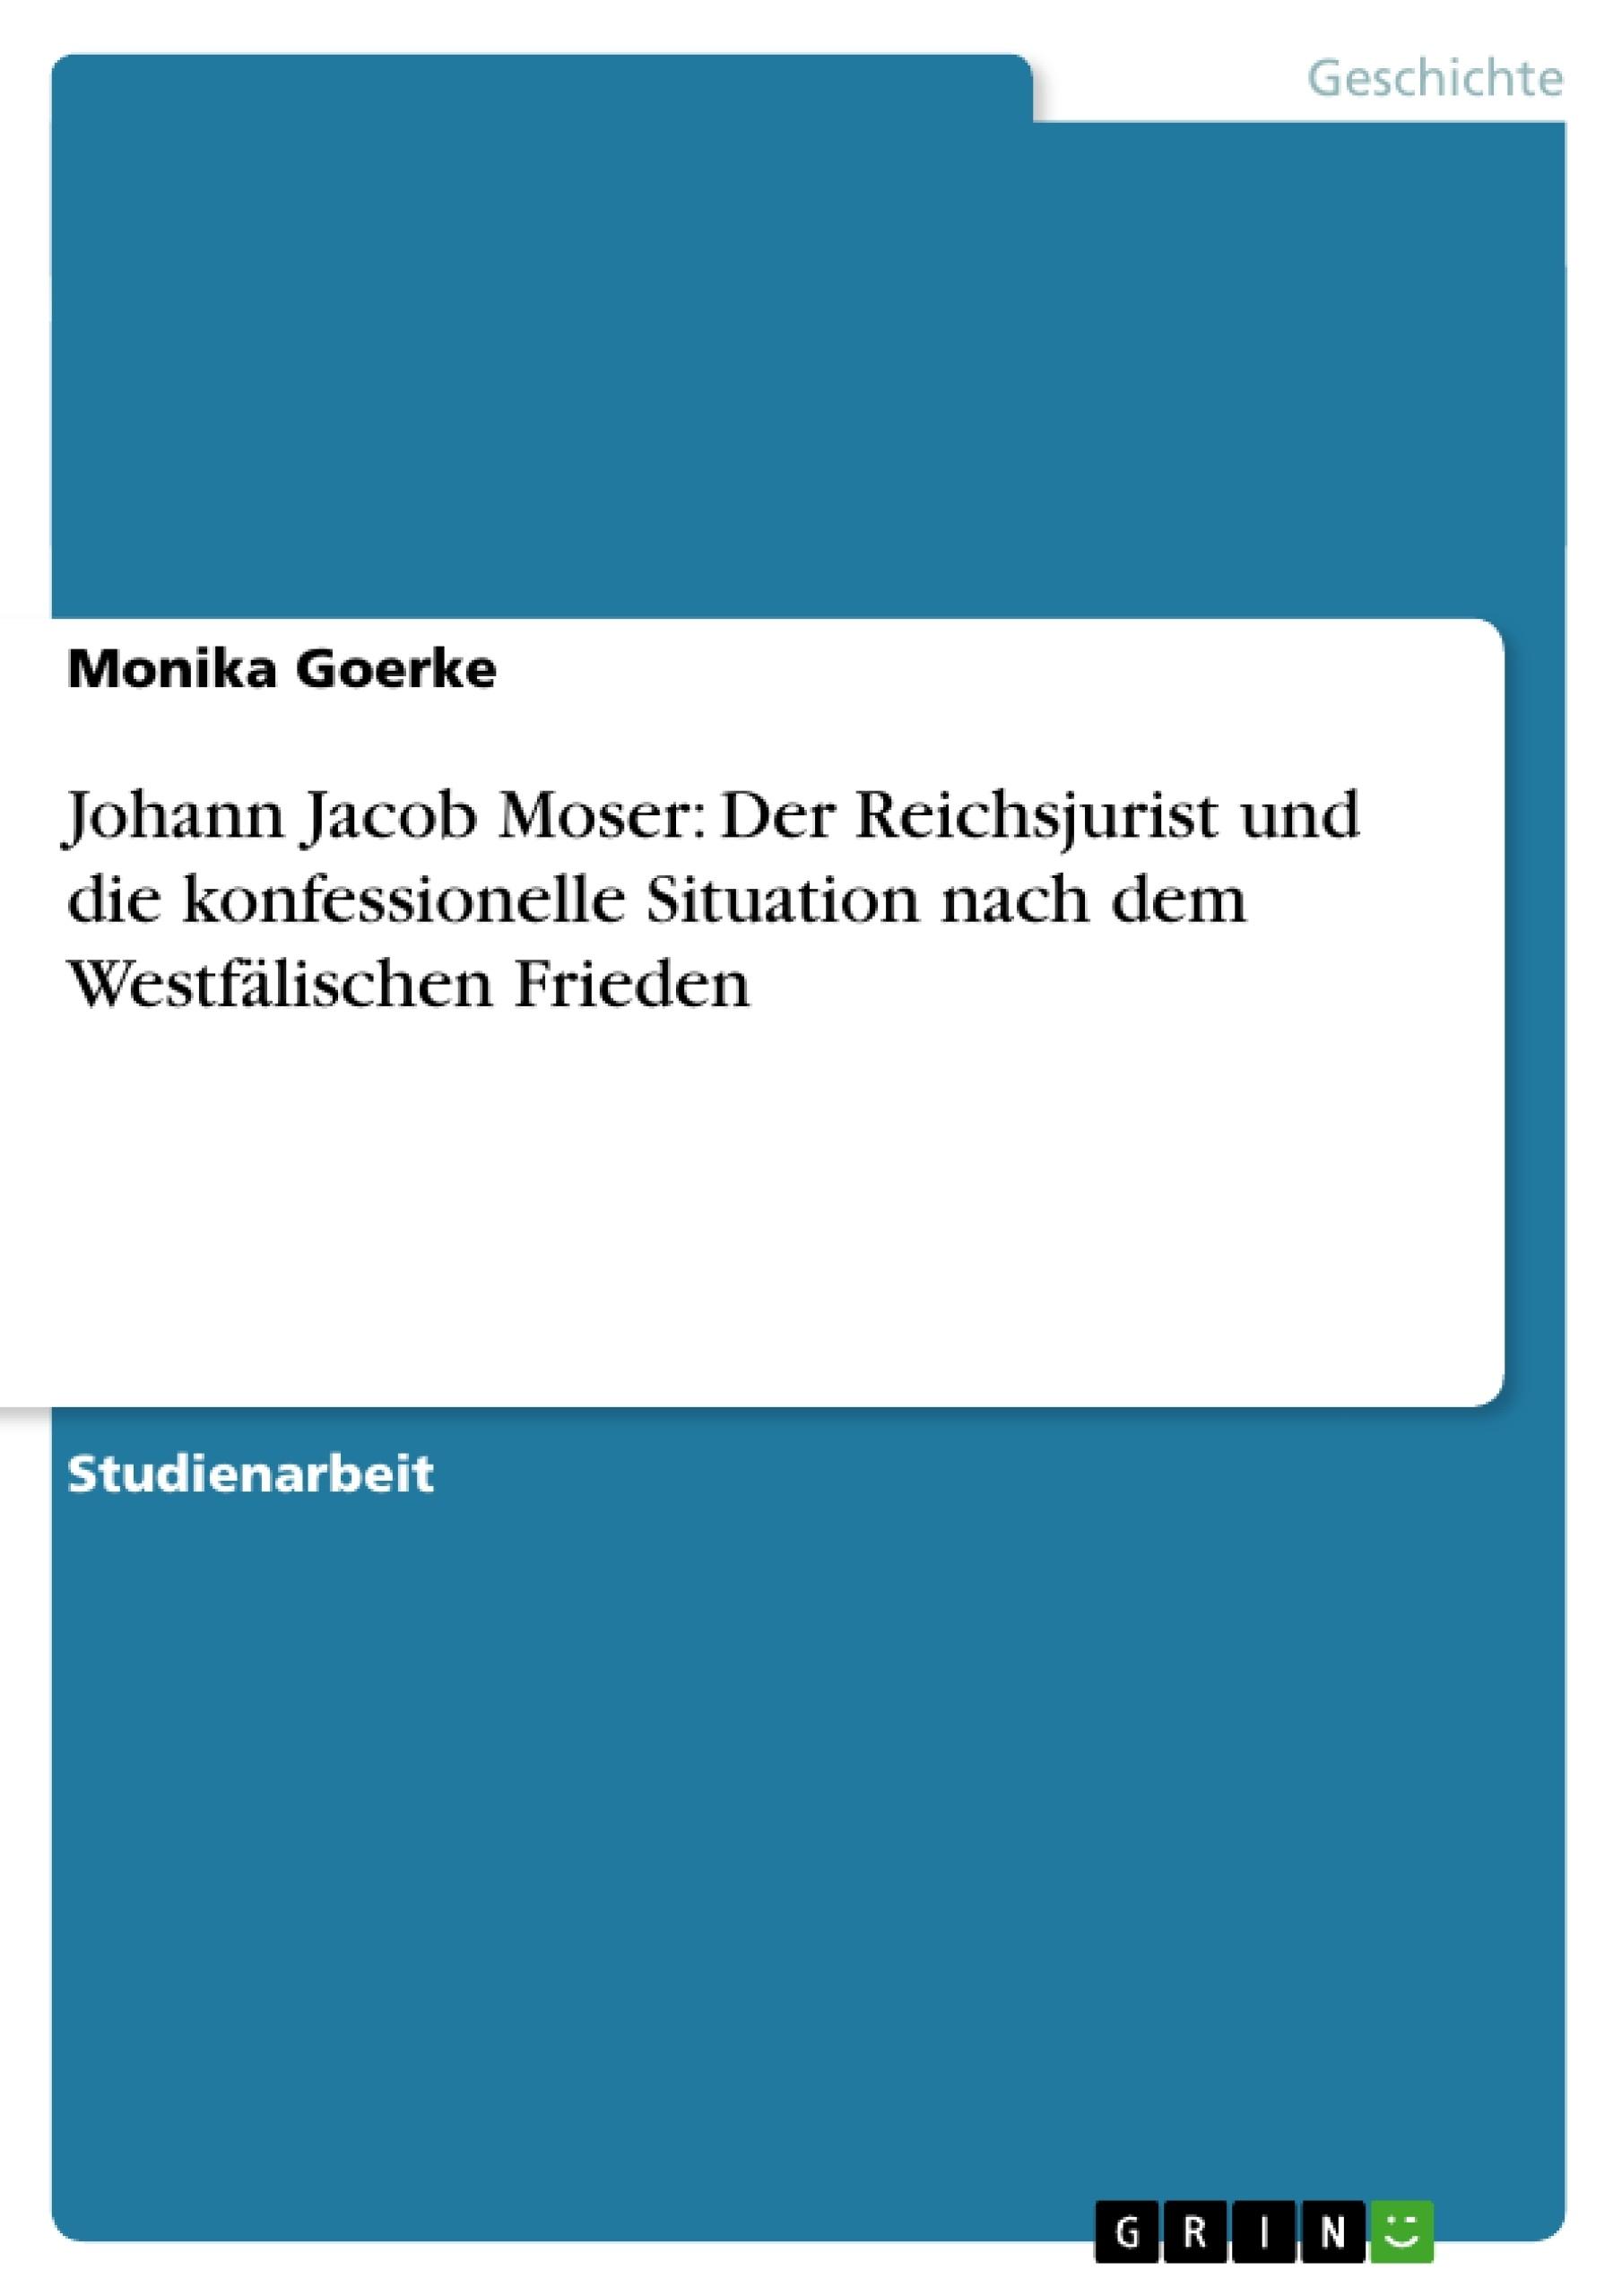 Titel: Johann Jacob Moser: Der Reichsjurist und die konfessionelle Situation nach dem Westfälischen Frieden